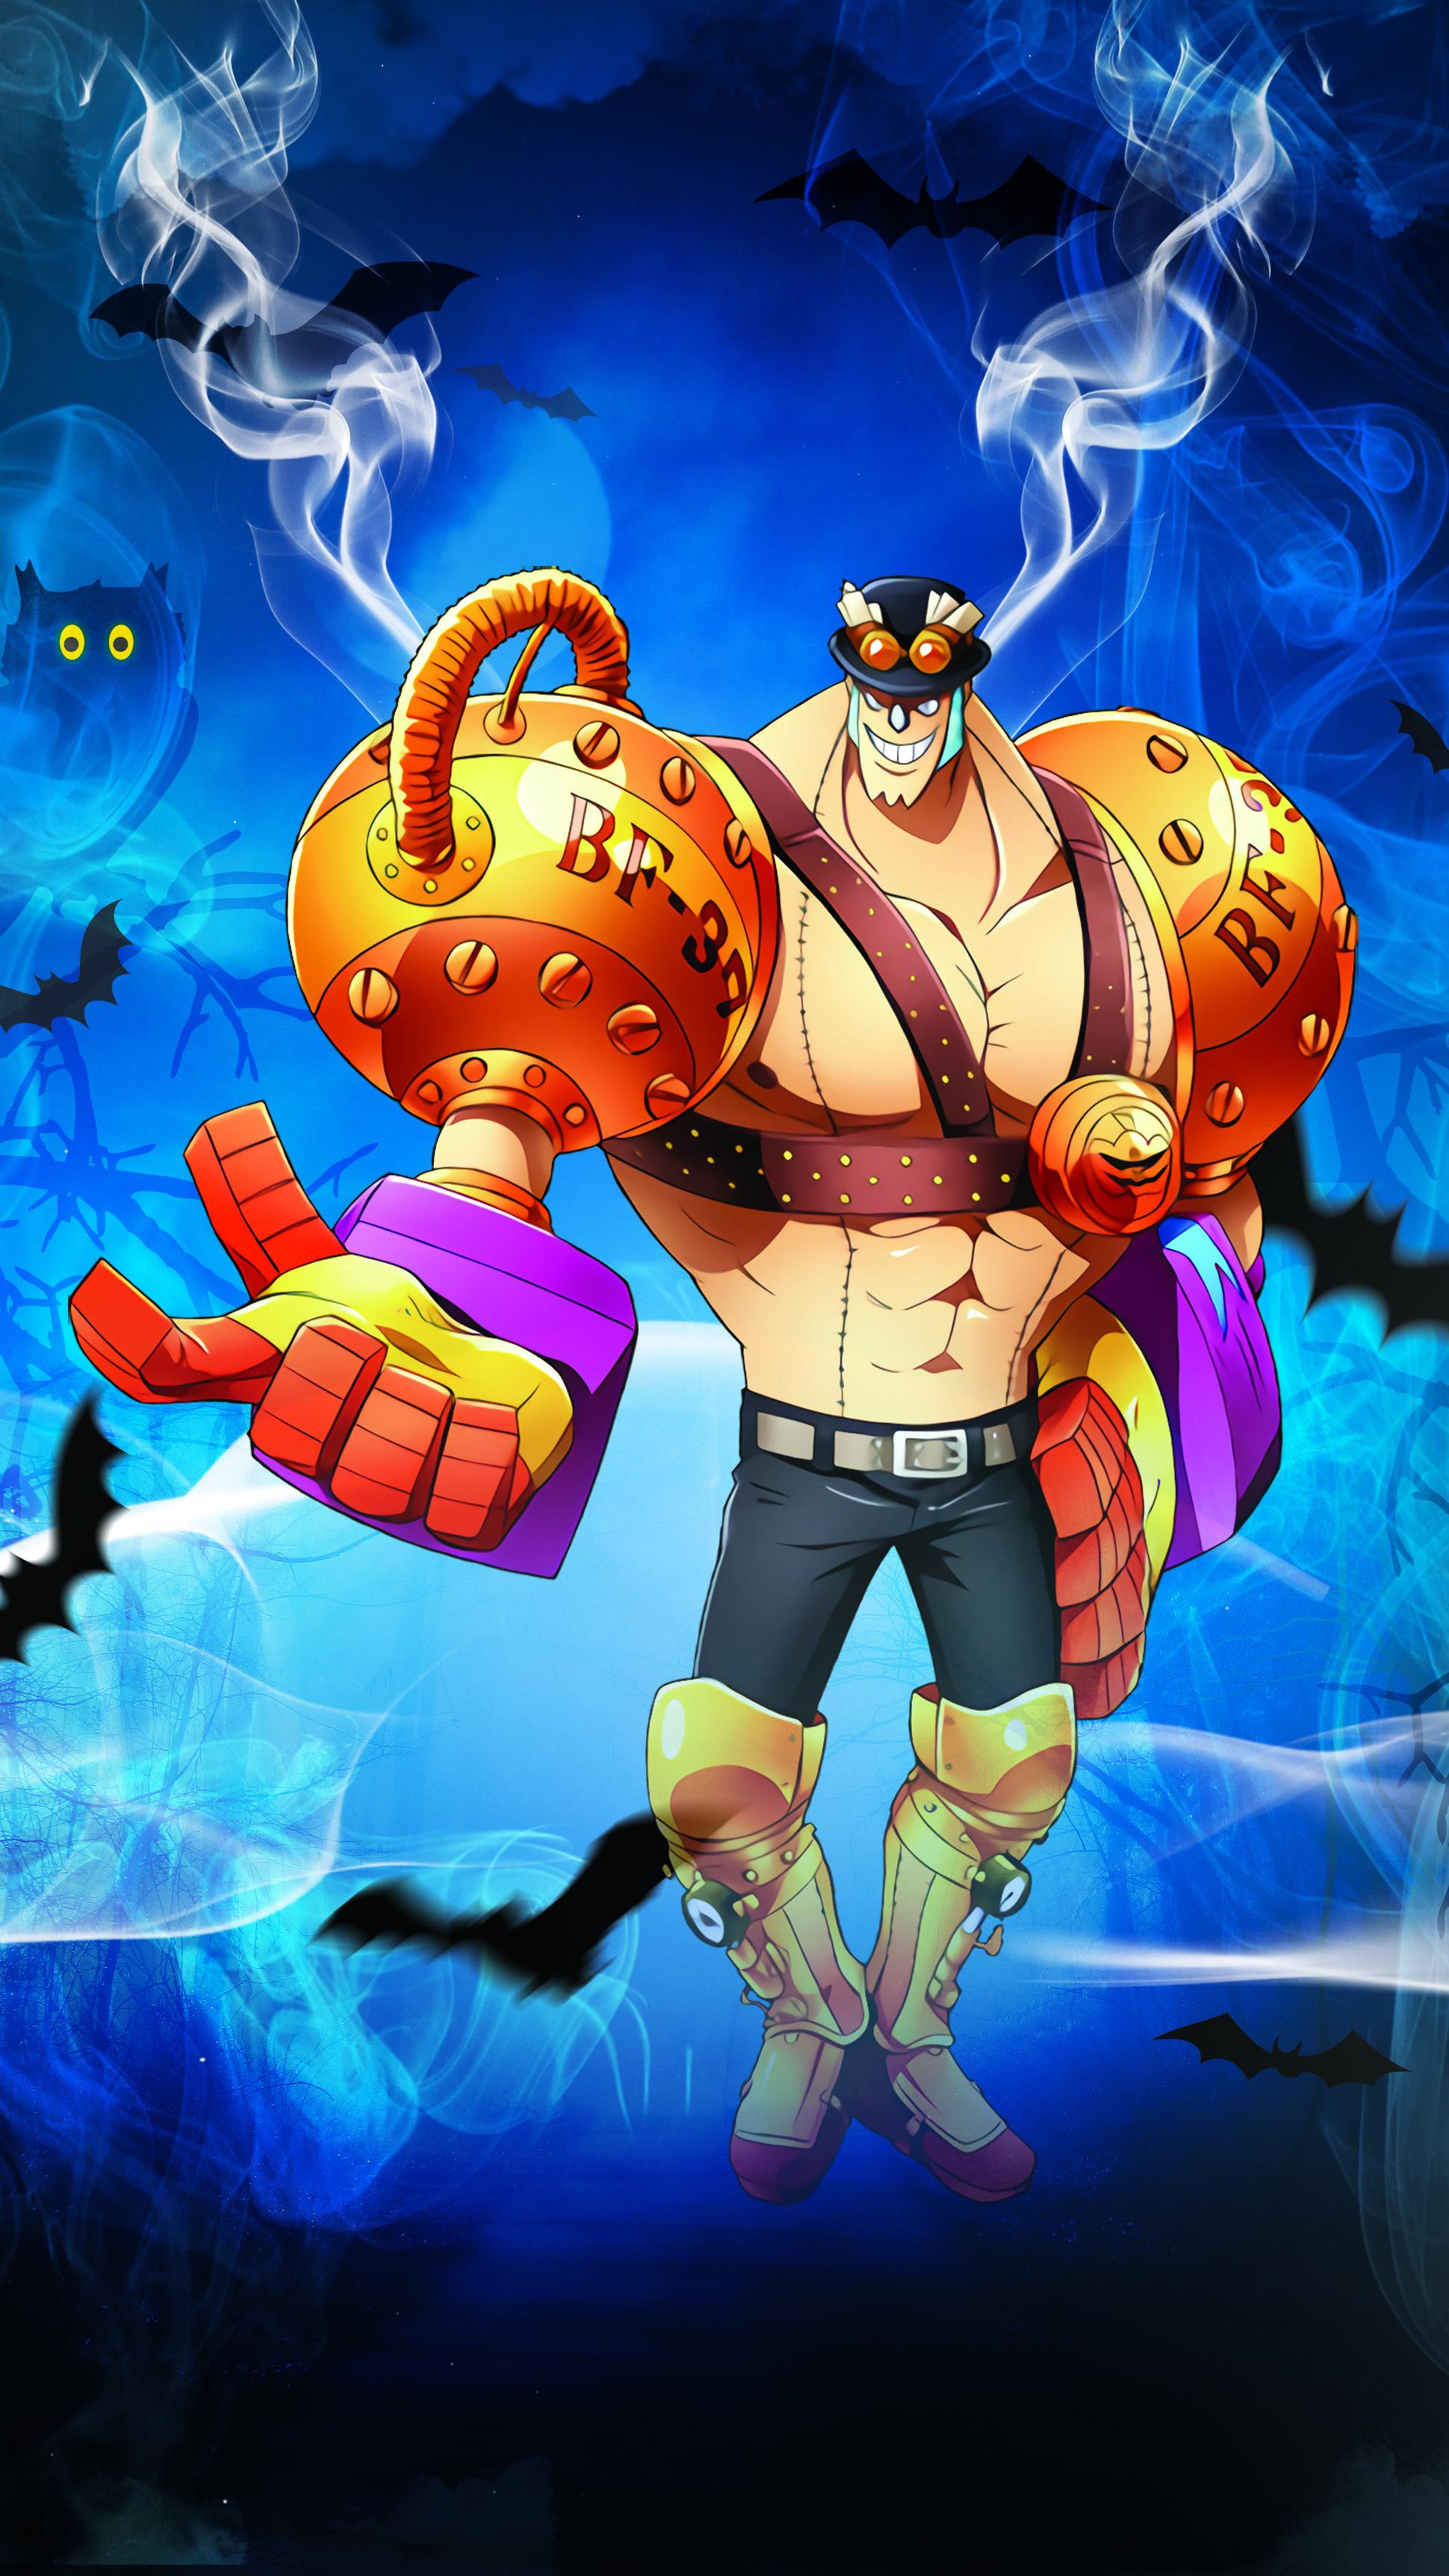 Franky - ONE PIECE - Image #2452703 - Zerochan Anime Image ...